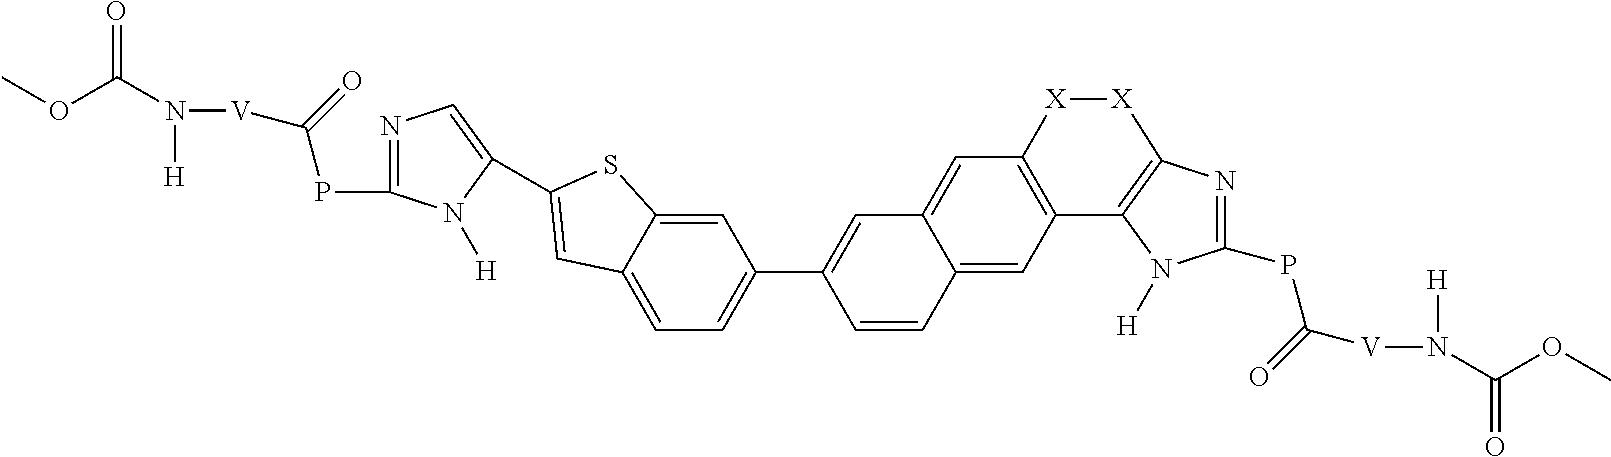 Figure US08841278-20140923-C00368